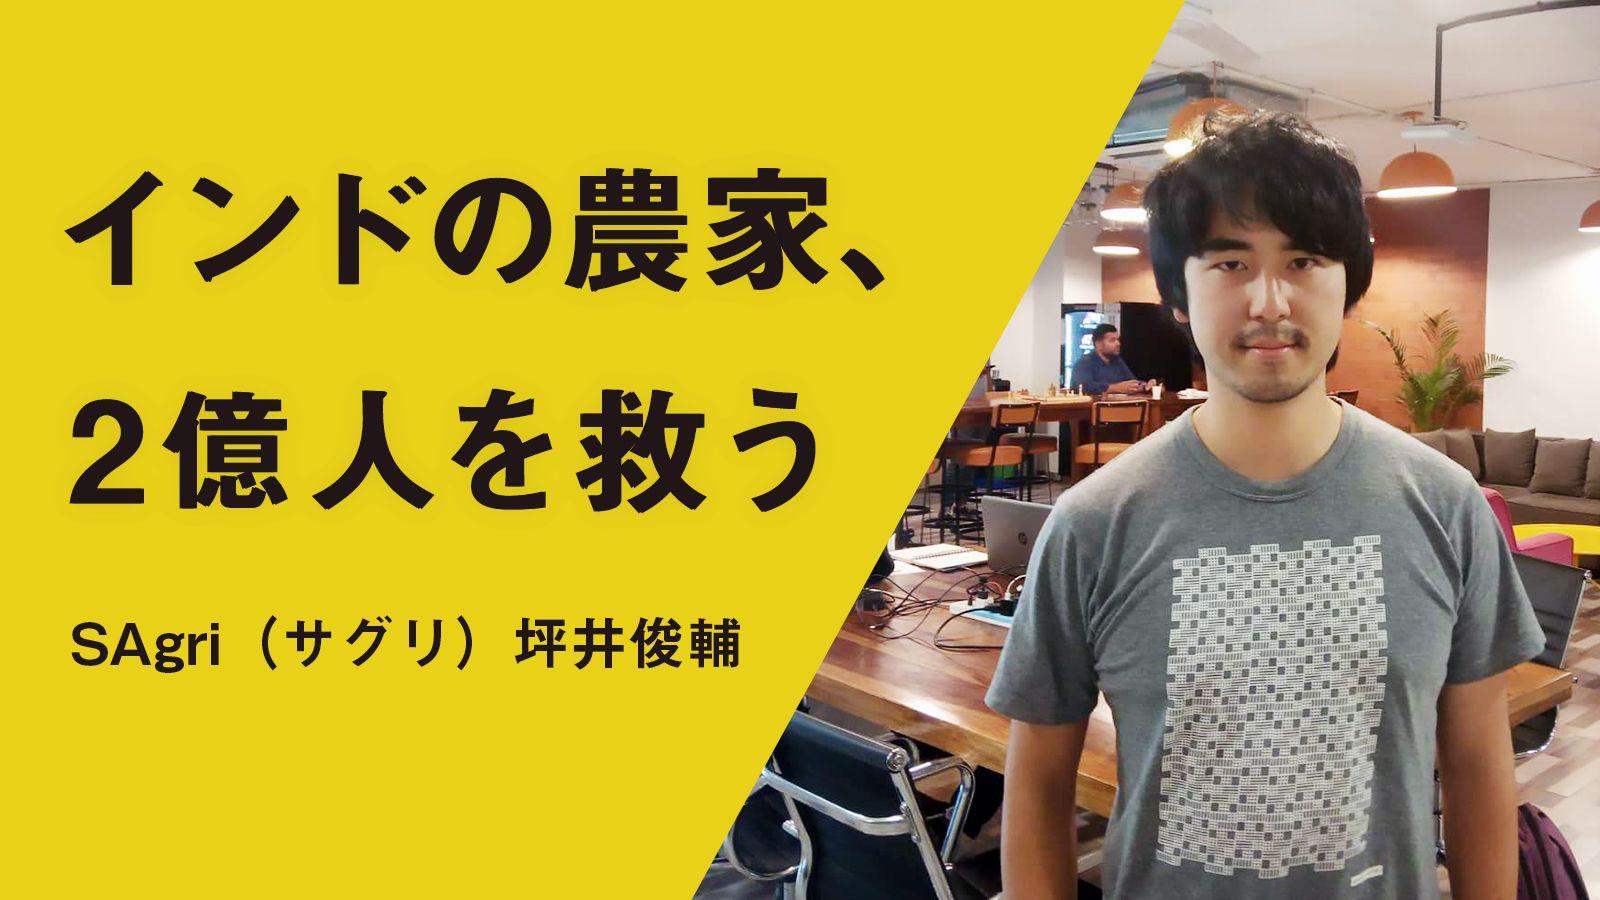 インドでスタートアップ! ある日本人の青年が志す、貧しい地域の農業イノベーション|サグリ 坪井俊輔